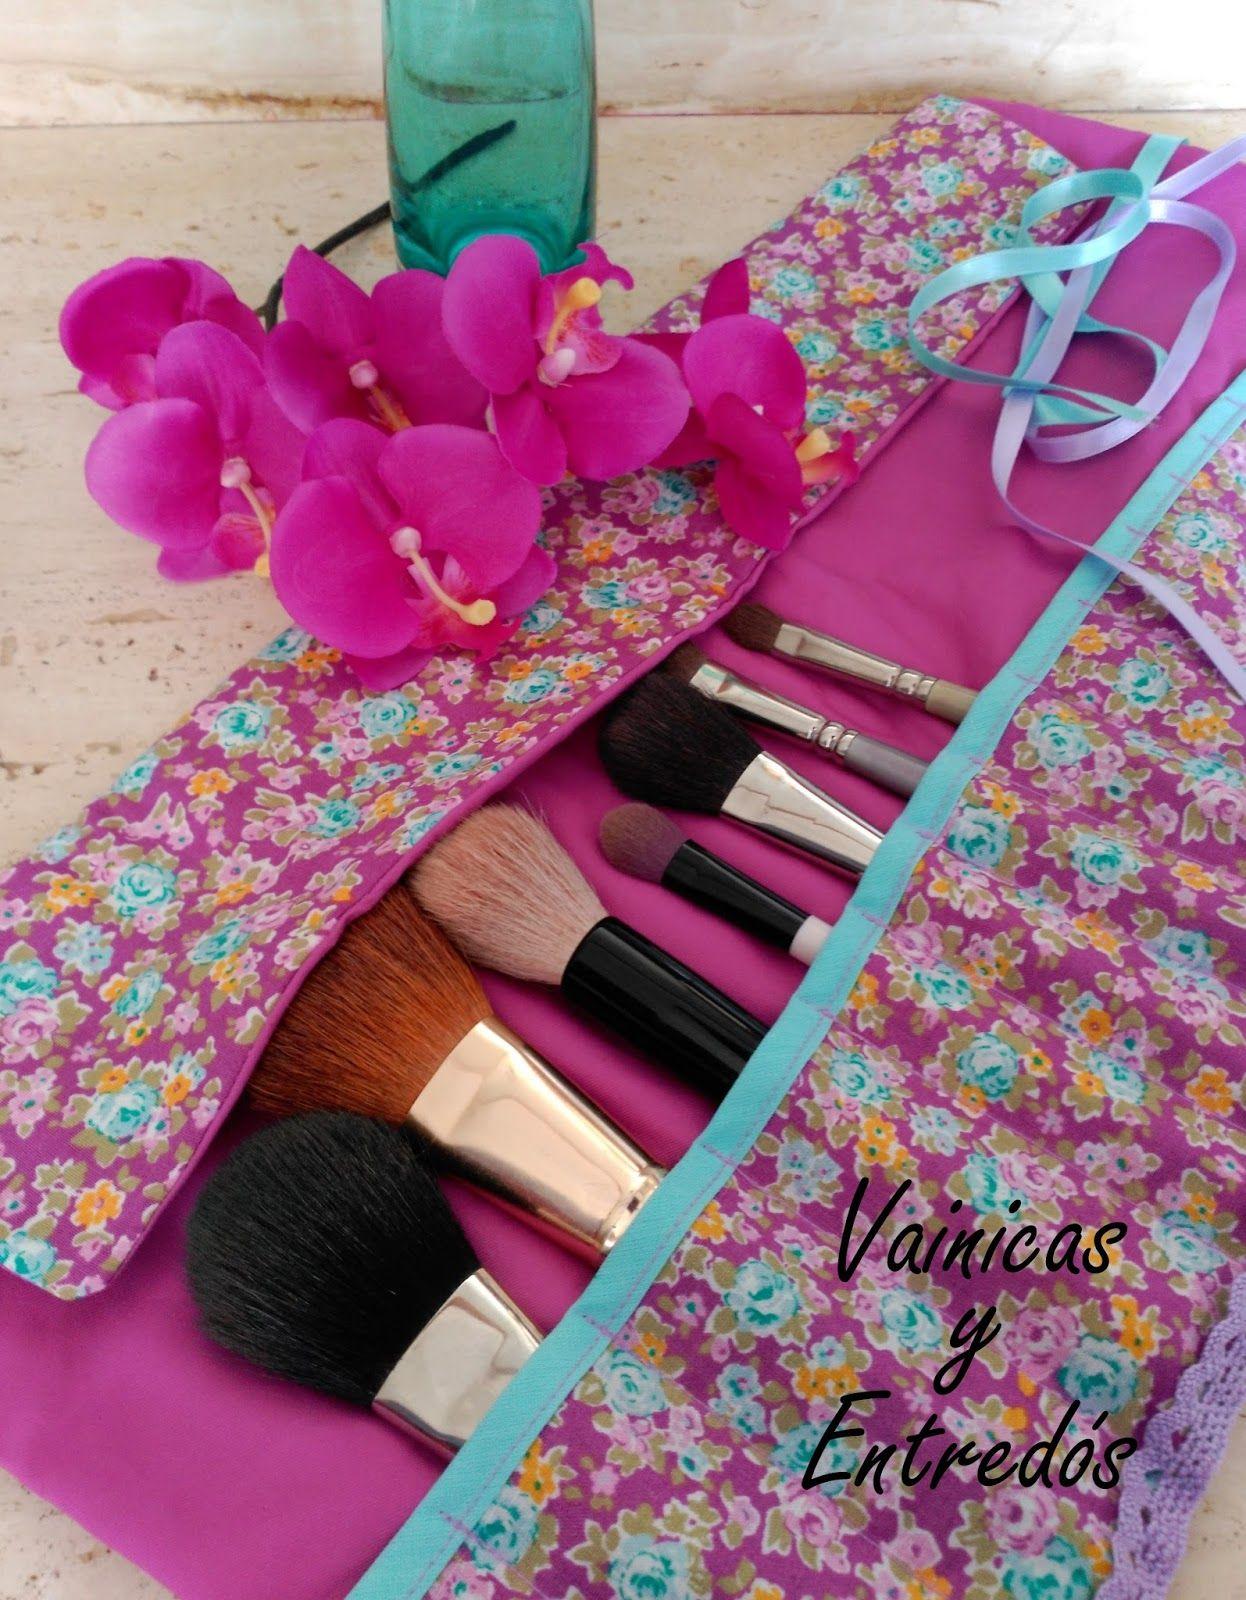 d9ea0b0b2 Vainicas y entredós: Tutorial: cómo hacer una manta para brochas de  maquillaje